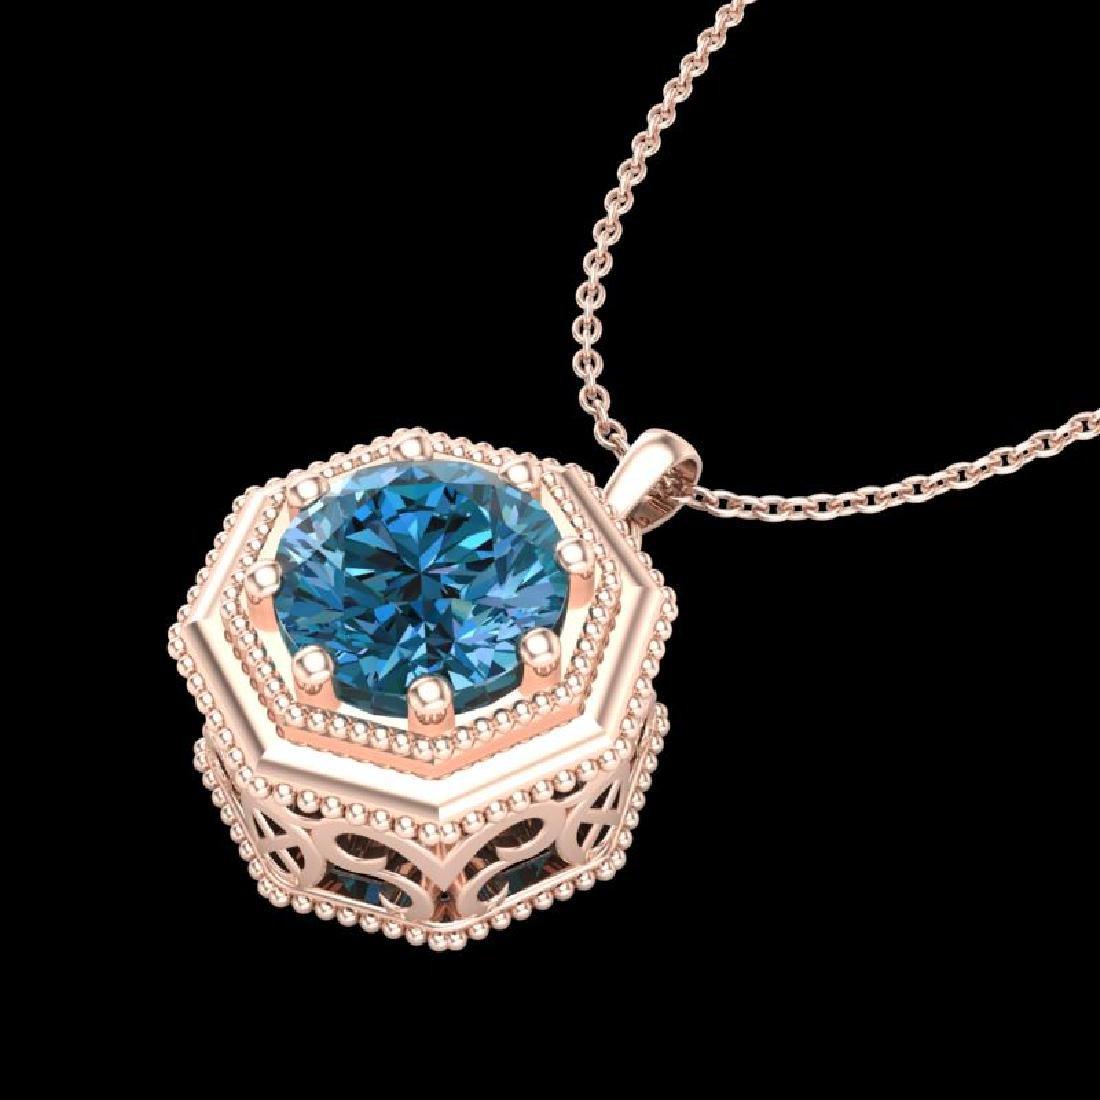 0.75 CTW Fancy Intense Blue Diamond Solitaire Art Deco - 2